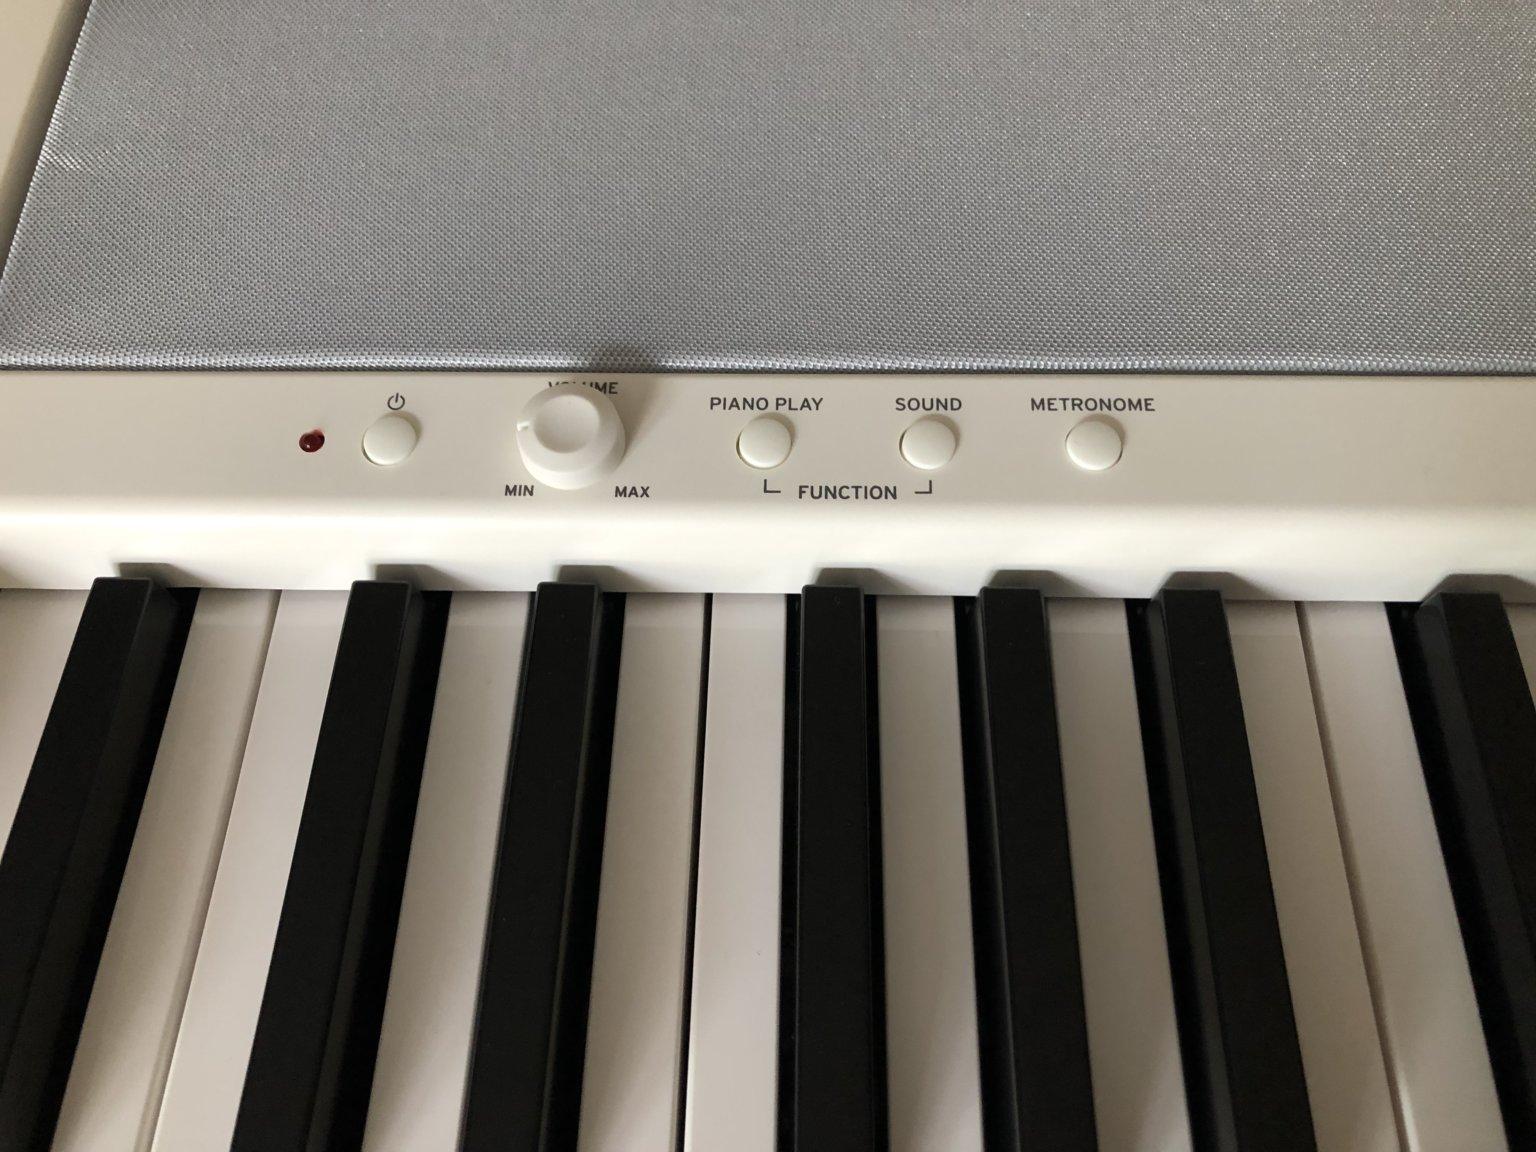 """7b32aebc65d19b4ee7aaa5c63346a25a 1536x1152 - KORGの電子ピアノ """"B2""""の使用感レビュー"""